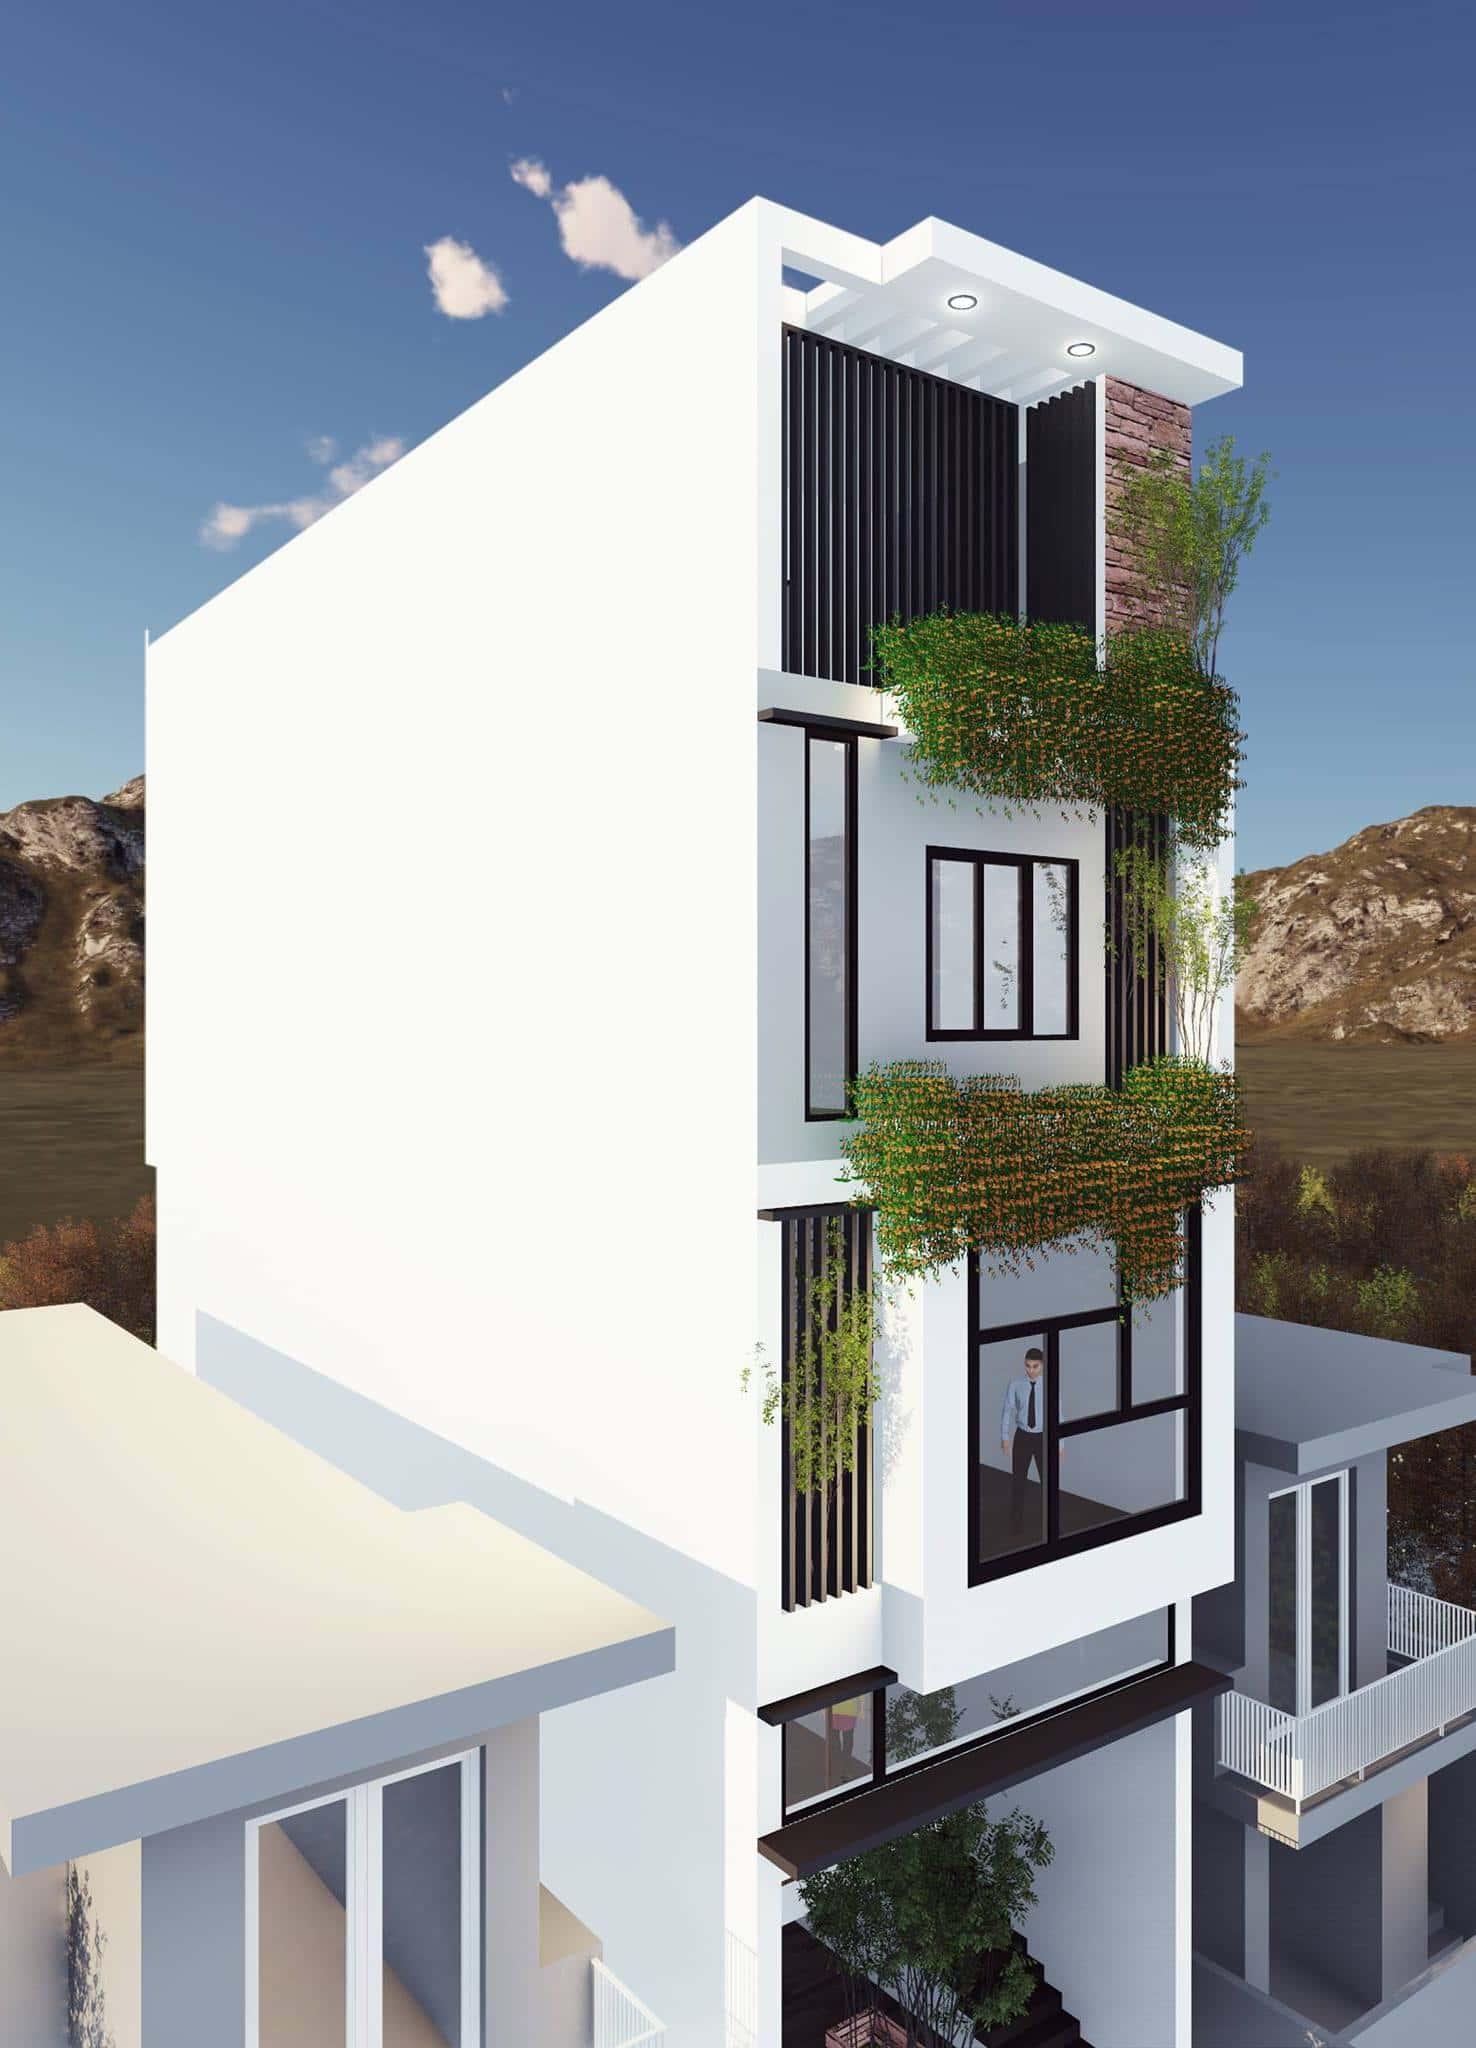 nha pho dep 2 - Thiết kế nhà Hải Phòng | 1000 mẫu nhà đẹp phong cách ấn tượng